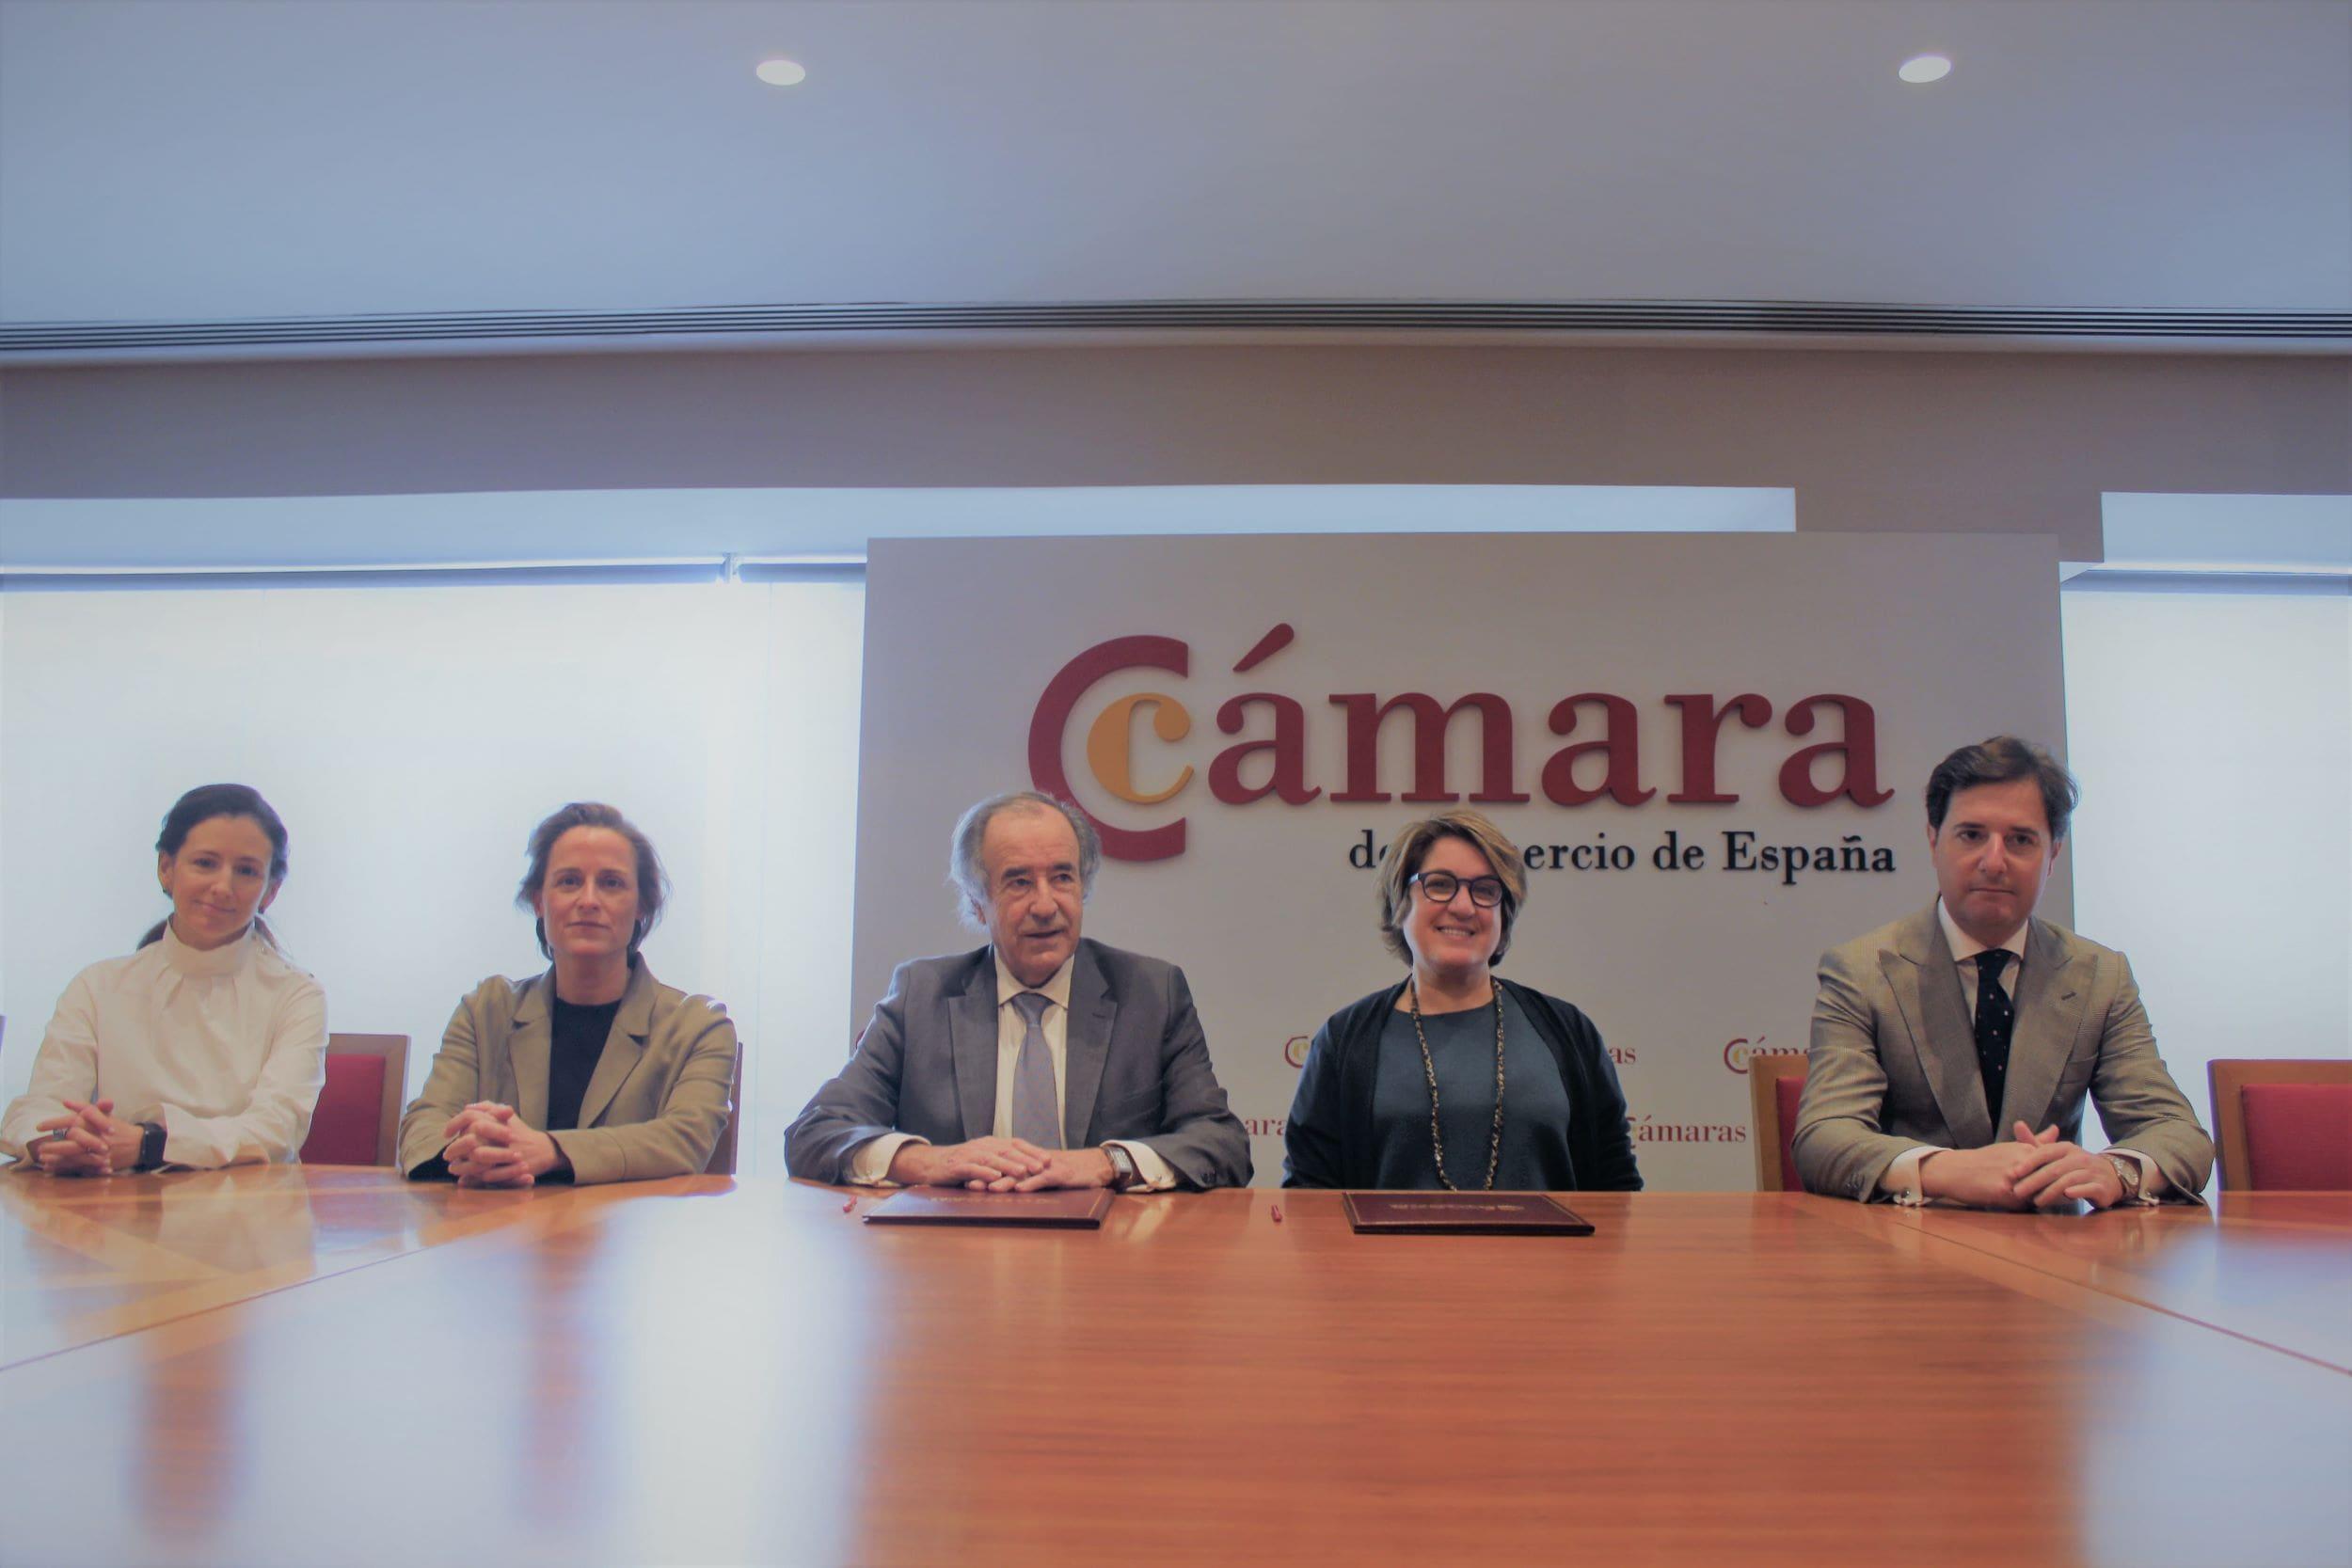 Fundacion Craate y Camara de Comercio de Espana lanzan el programa e-FP para impulsar el emprendimiento en la Formacion Profesional